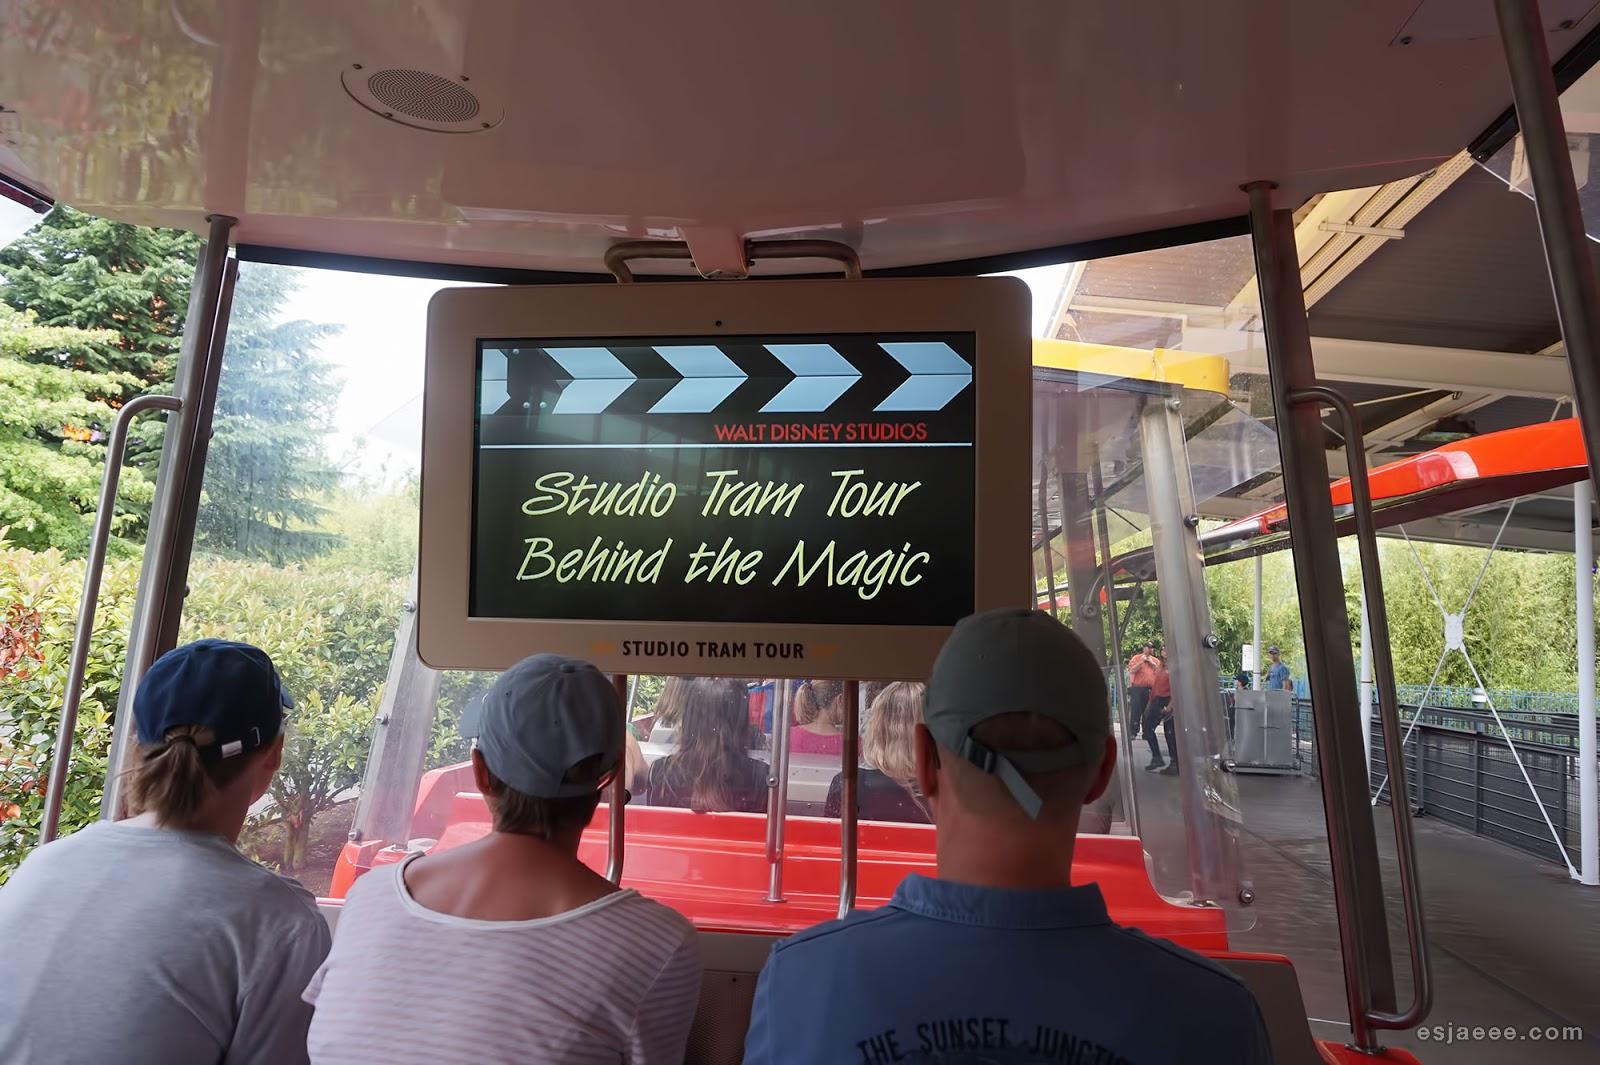 Studio Tram Tours